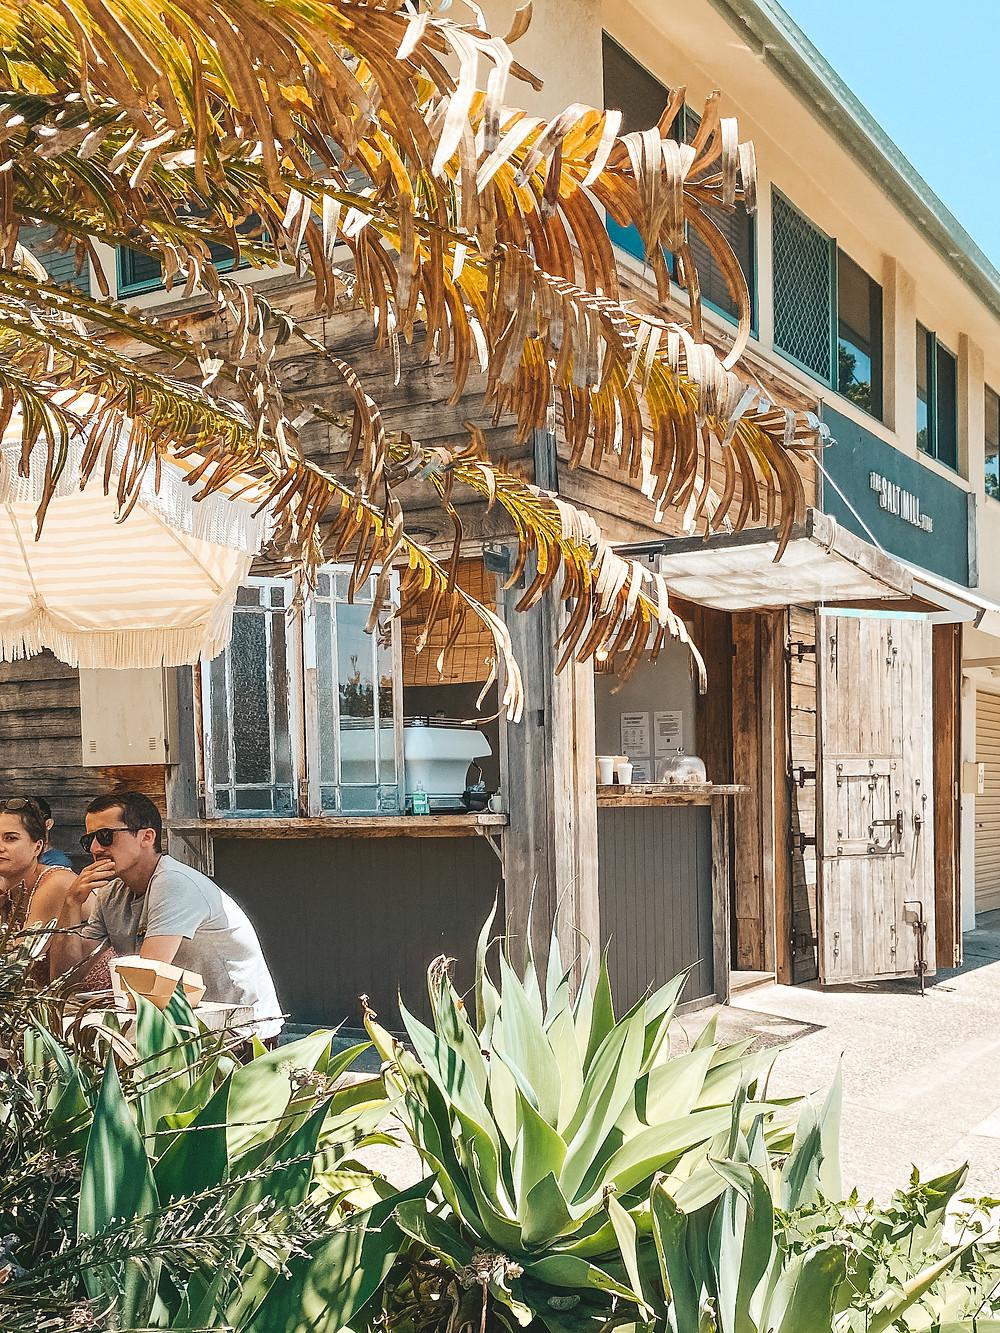 Salt Mill Cafe Kingscliff